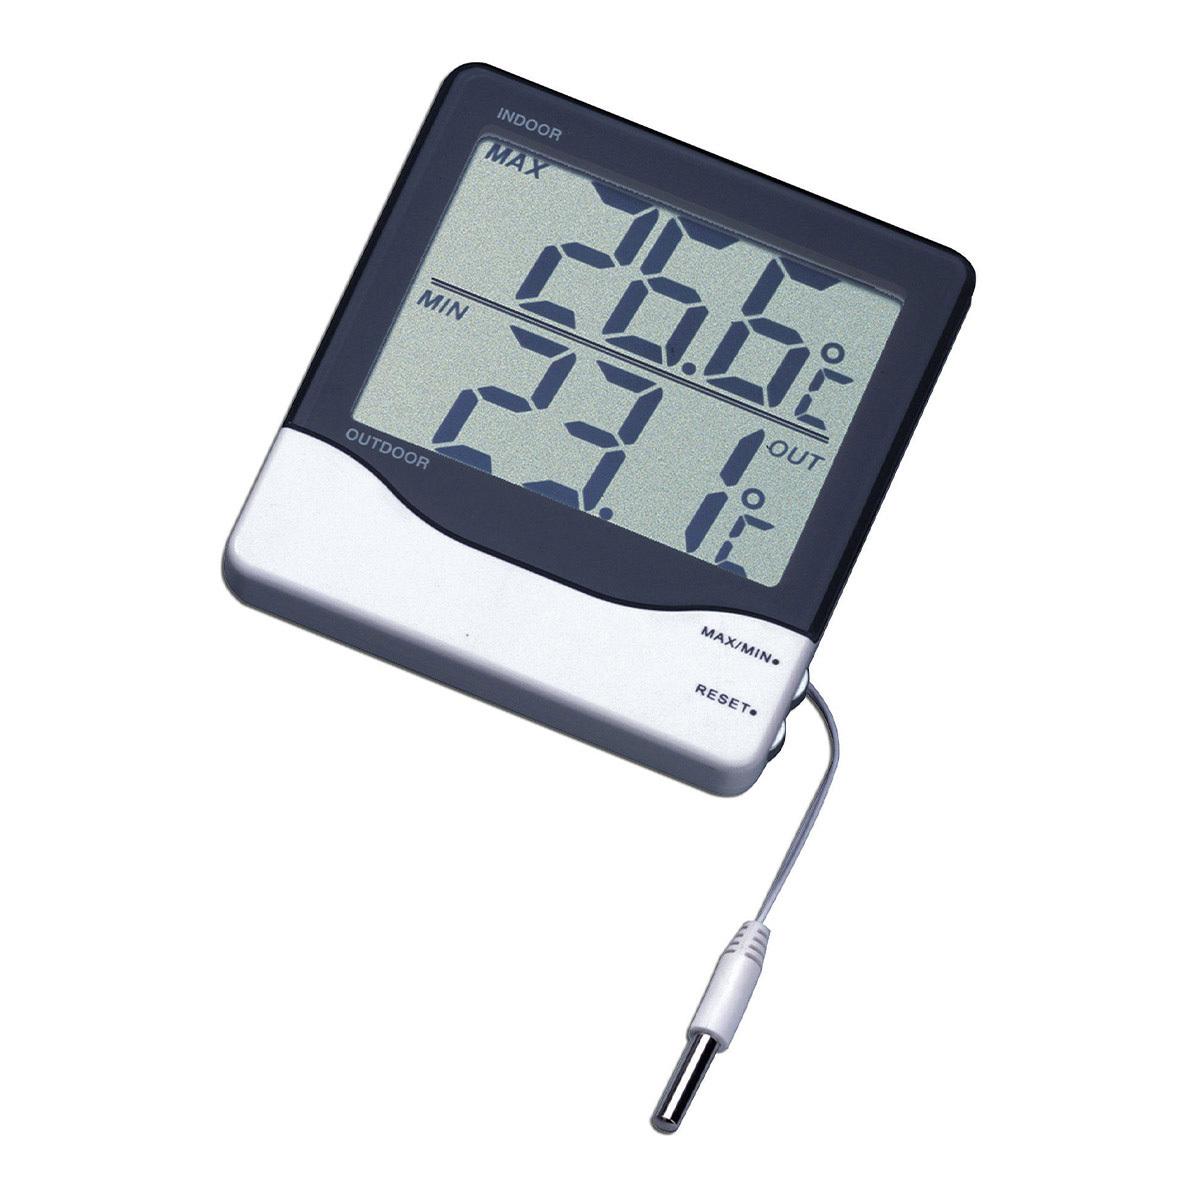 30-1011-digitales-innen-aussen-thermometer-ansicht-1200x1200px.jpg